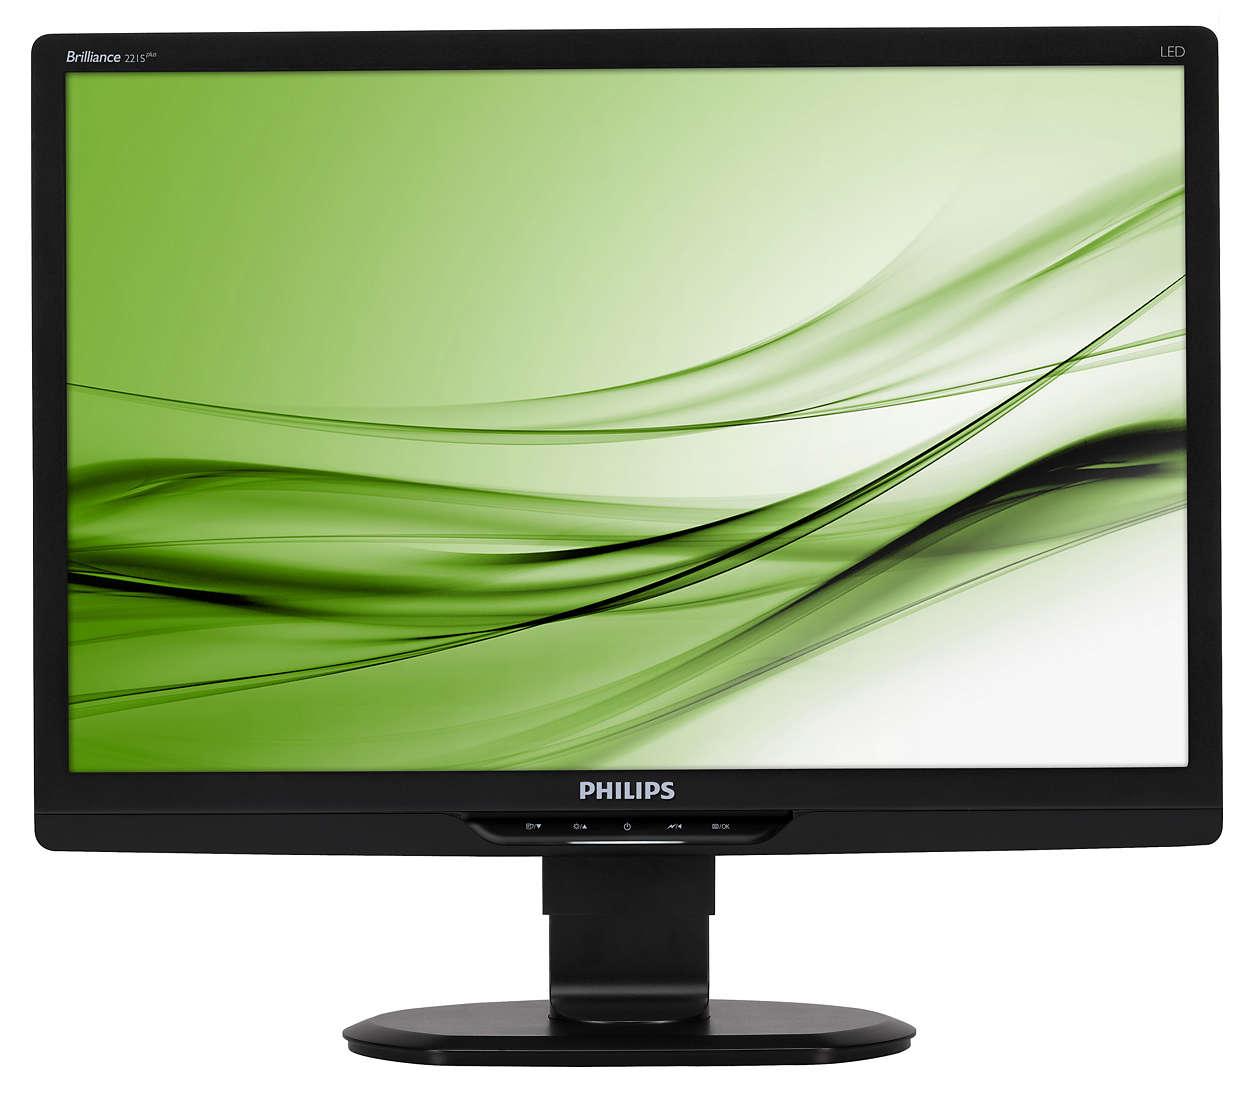 Ergonomiczny monitor LED zapewnia większą wydajność w pracy